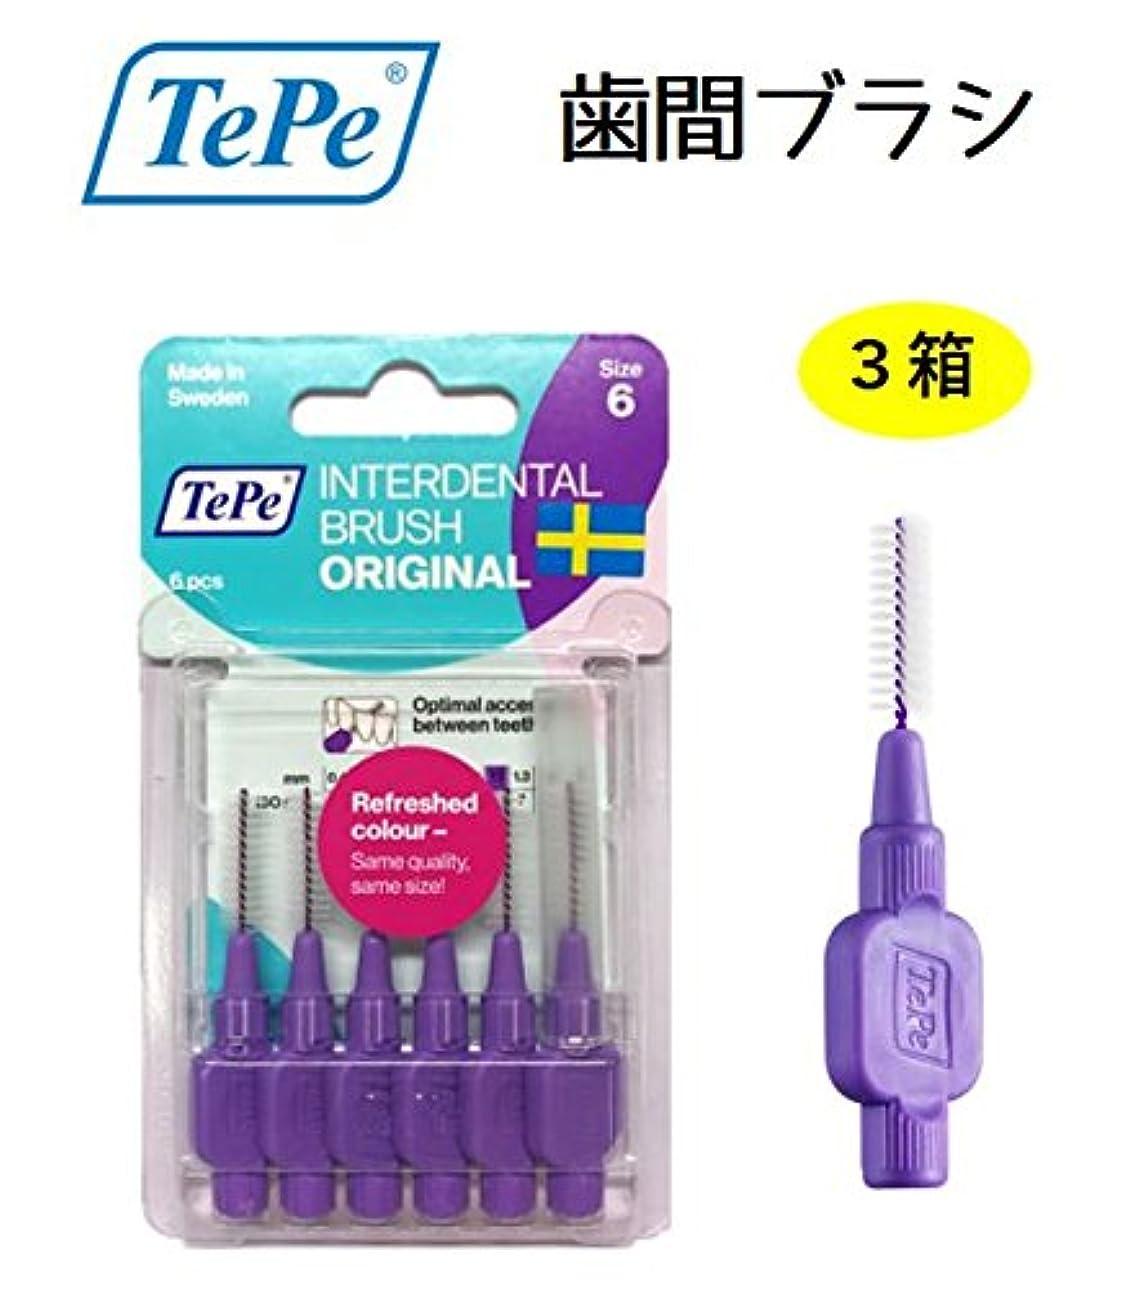 ウェブカエルジーンズテペ 歯間プラシ 1.1mm ブリスターパック 3パック TePe IDブラシ